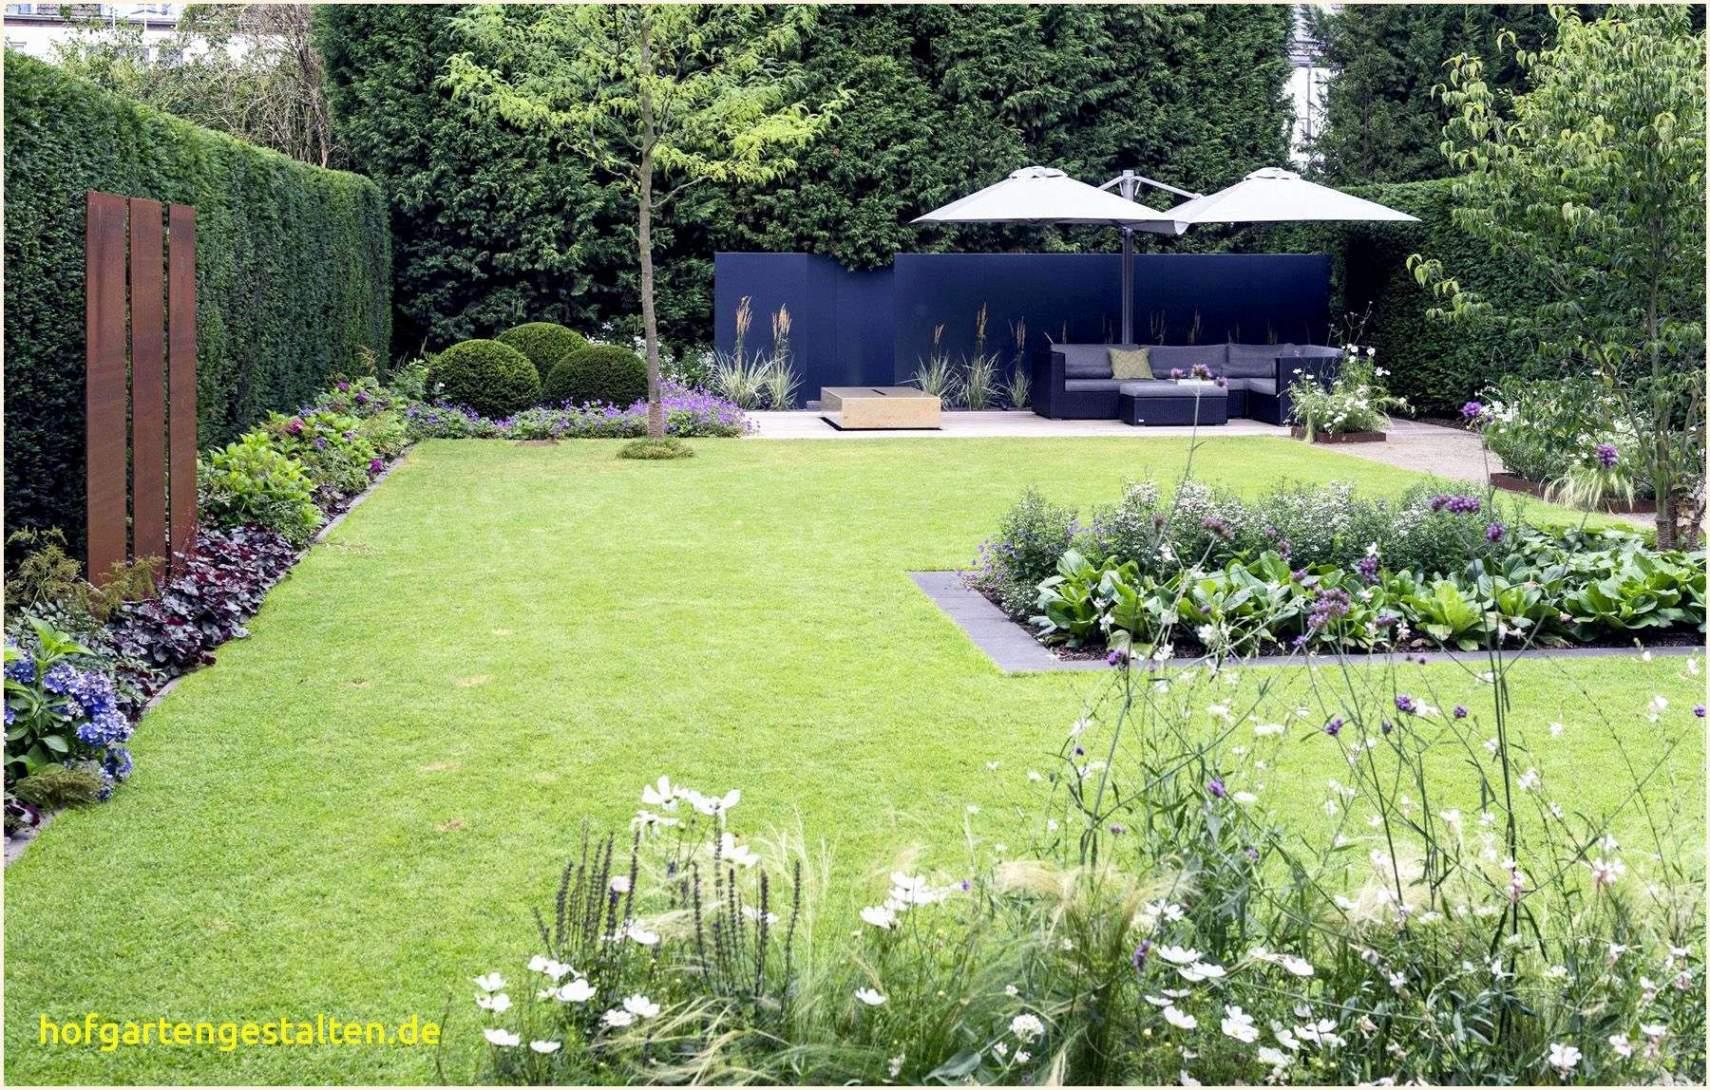 garten anlegen ideen inspirierend gartengestaltung ideen vorgarten kiesgarten anlegen ideen kiesgarten anlegen ideen